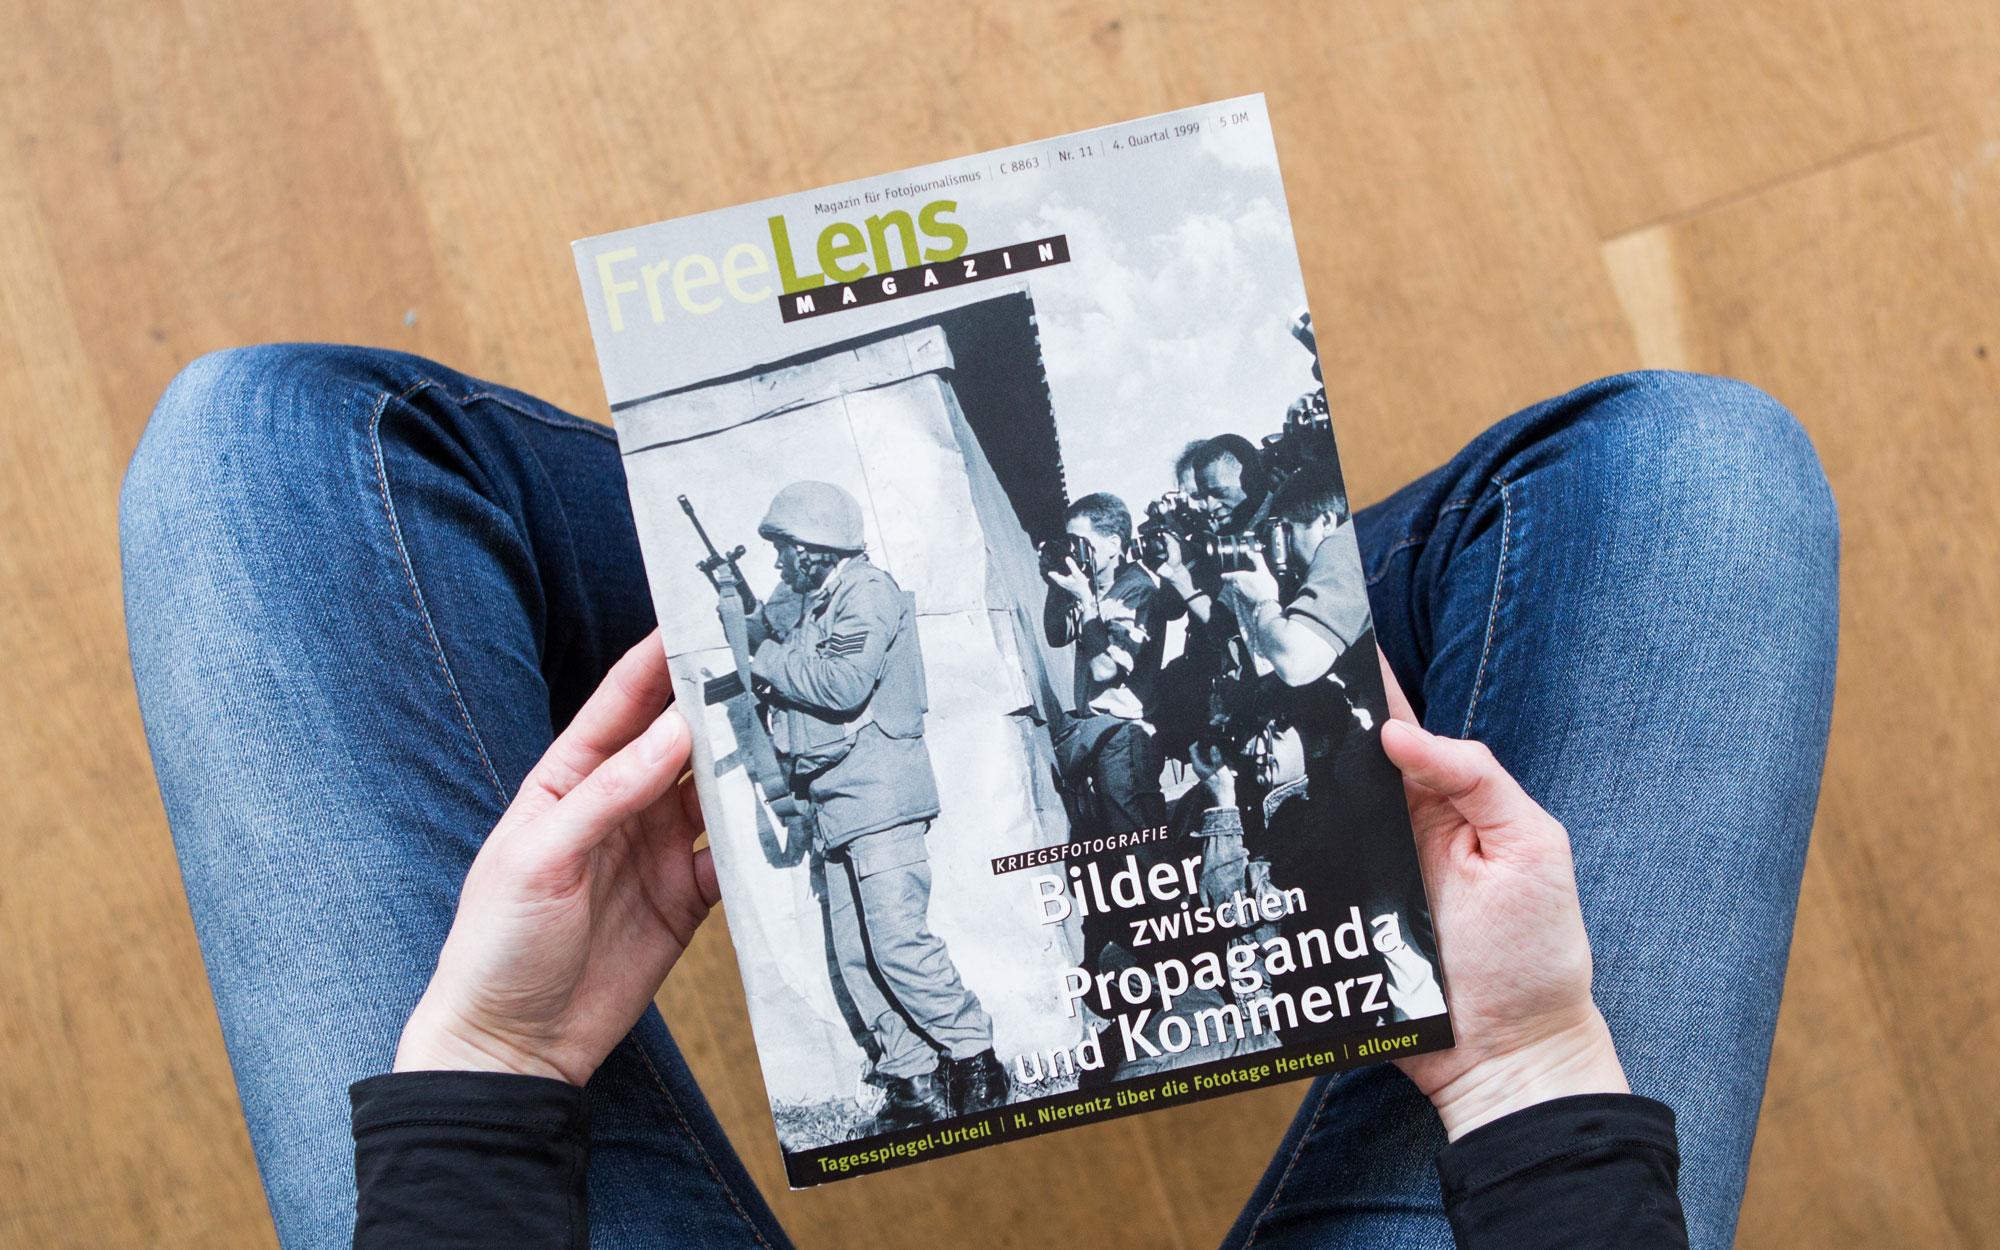 Kriegsfotografie – Bilder zwischen Propaganda und Kommerz. Das Titelfoto zeigt einen Ausschnitt einer Aufnahme von Gideon Mendel. Foto: Lucas Wahl